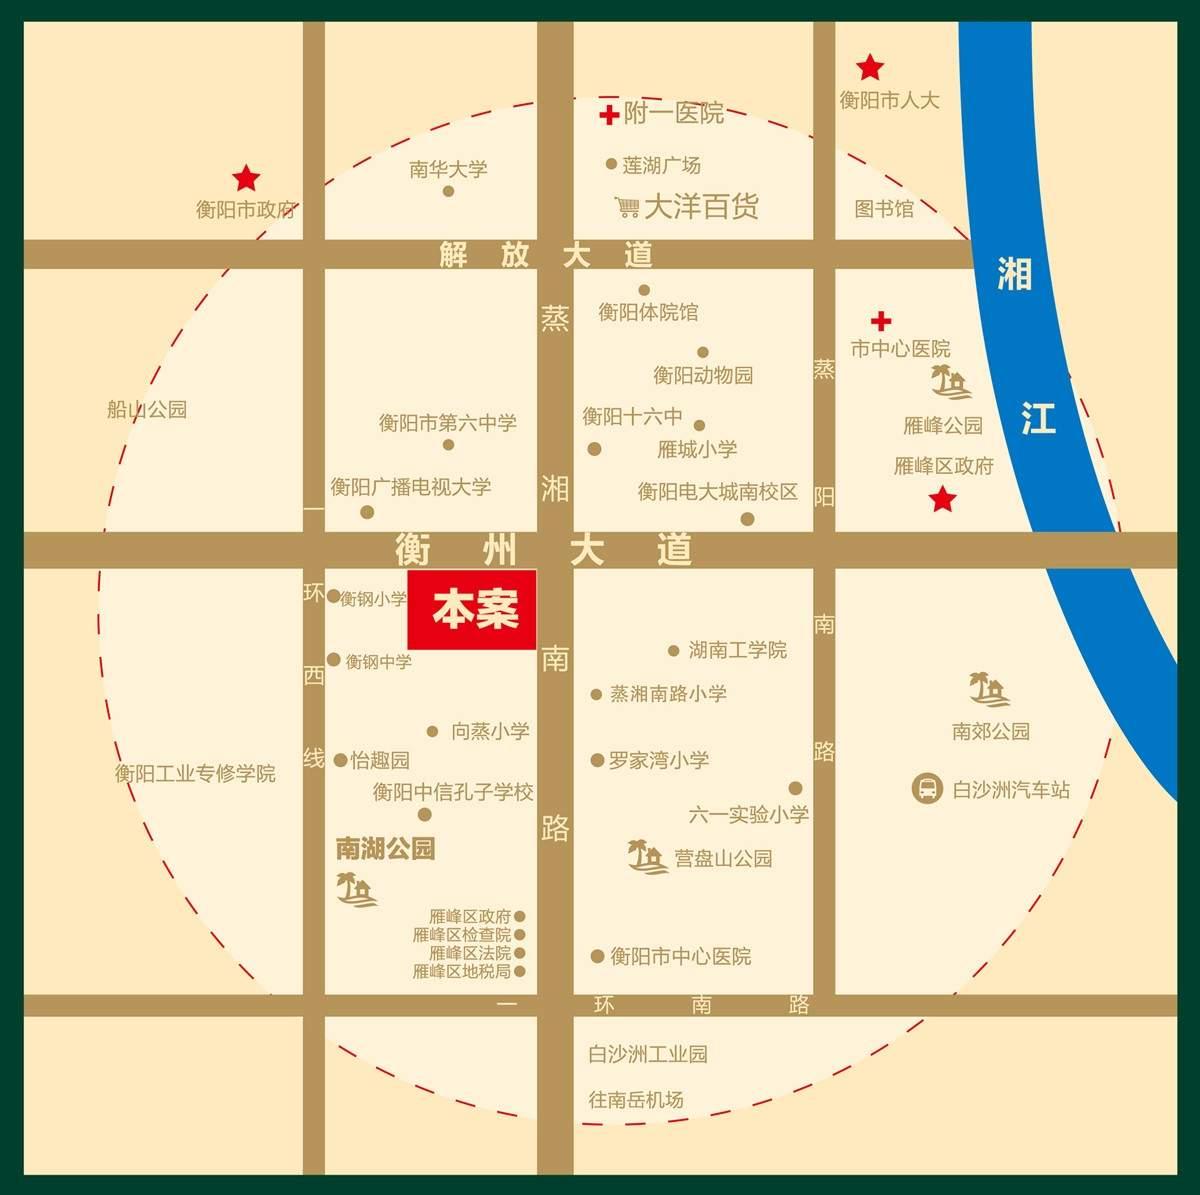 恒昇·中央公园位置图